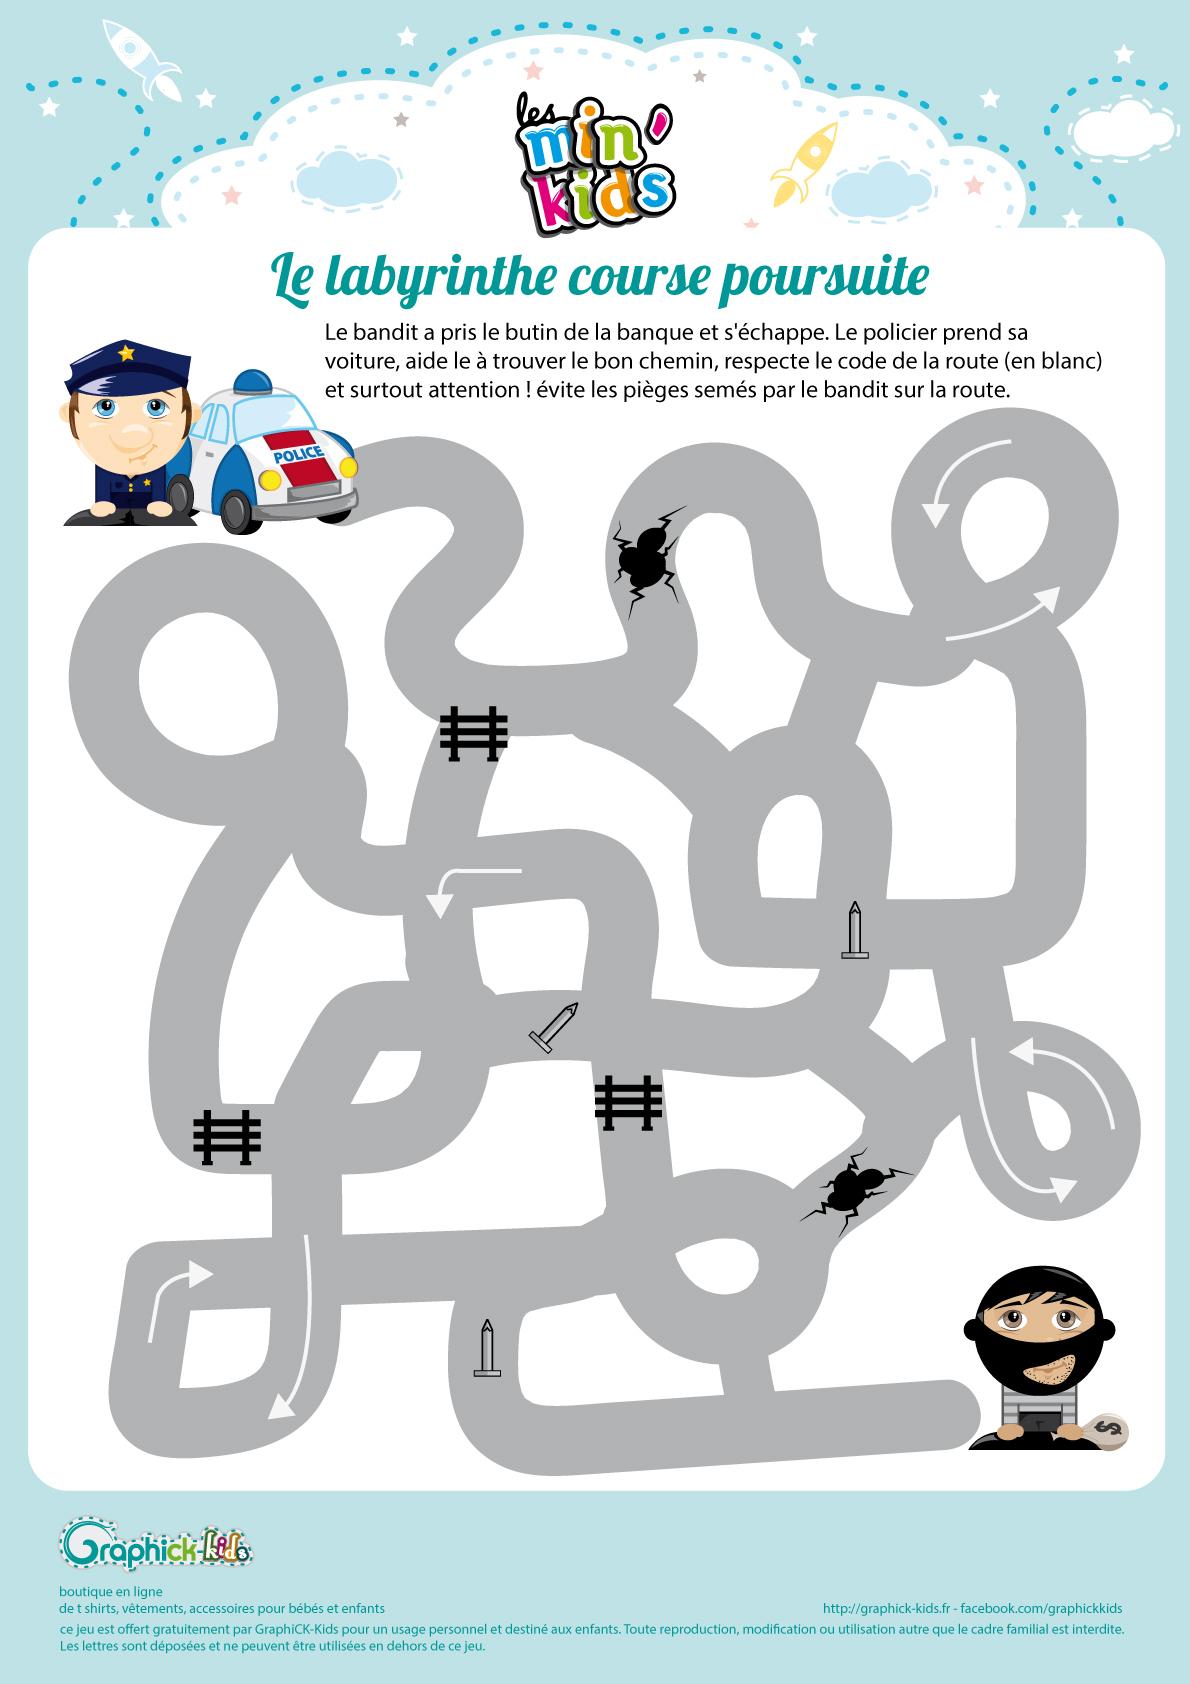 L'activité Du Mercredi : Le Labyrinthe Course Poursuite à Jeux Enfant Gratuit En Ligne